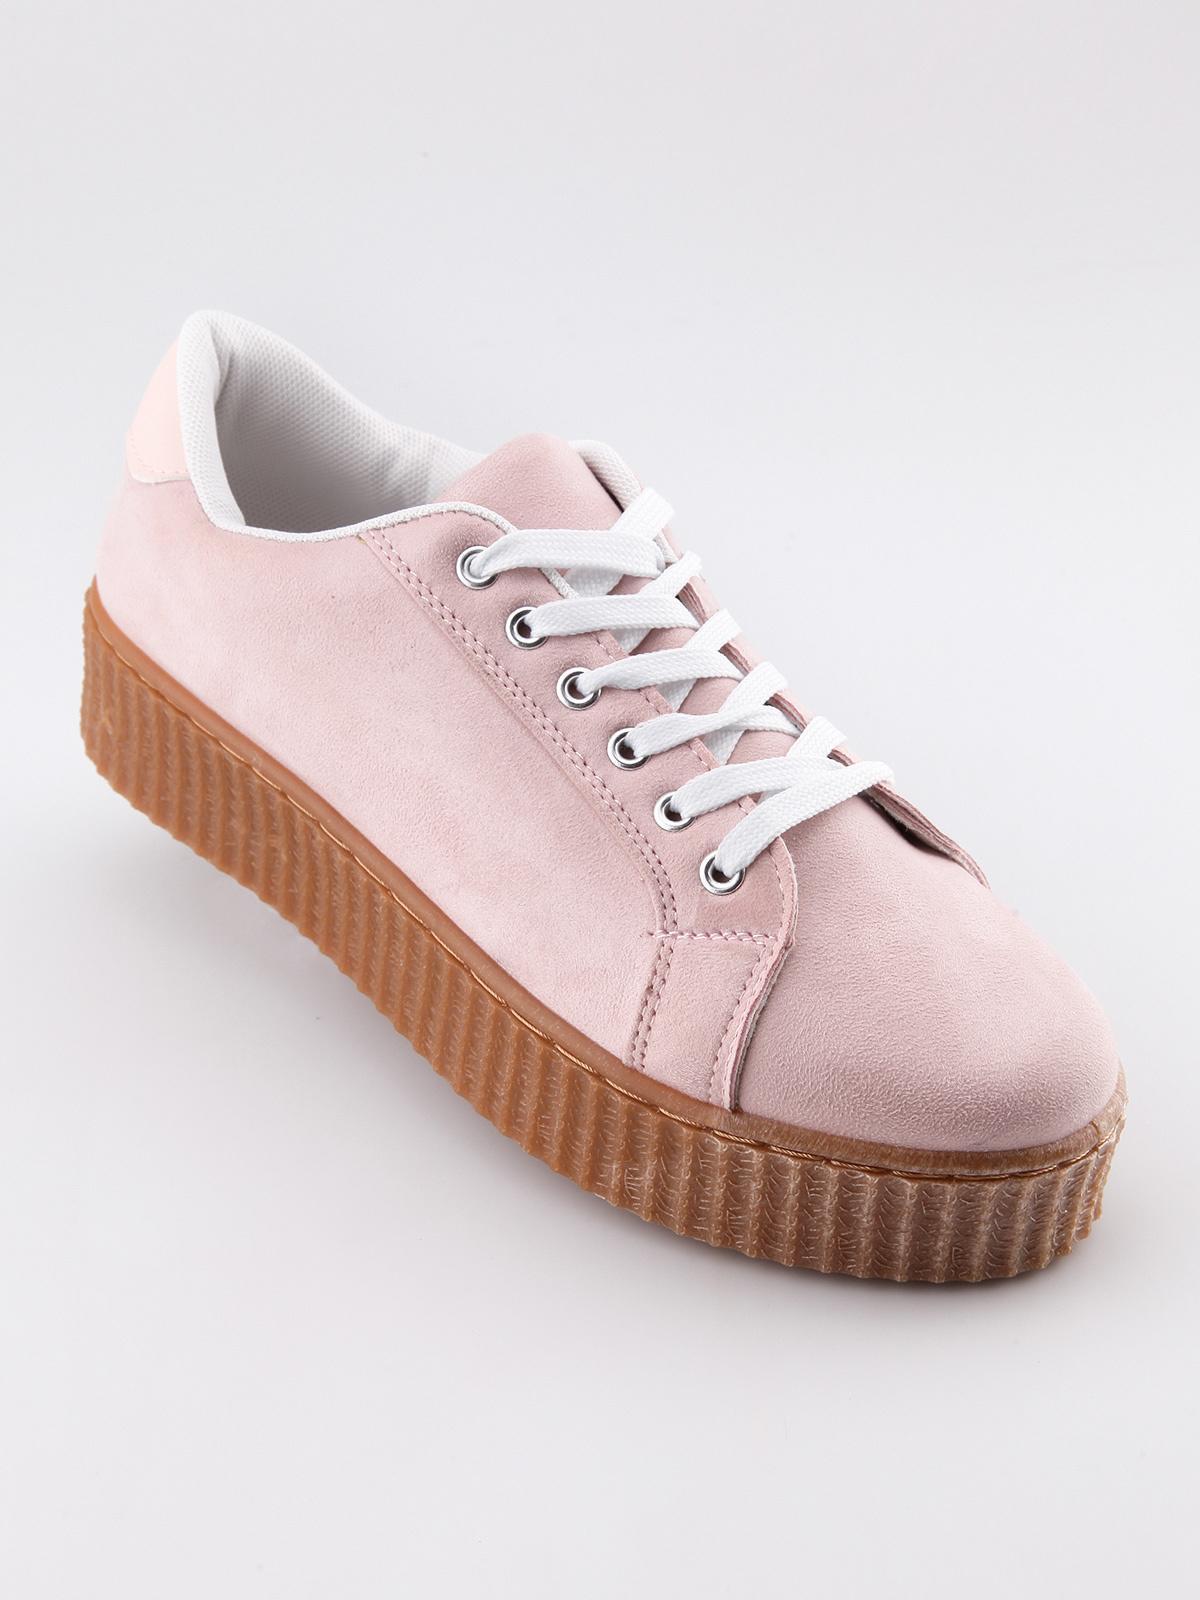 b12bf037ce Sneakers con plateau alto queen helena | MecShopping